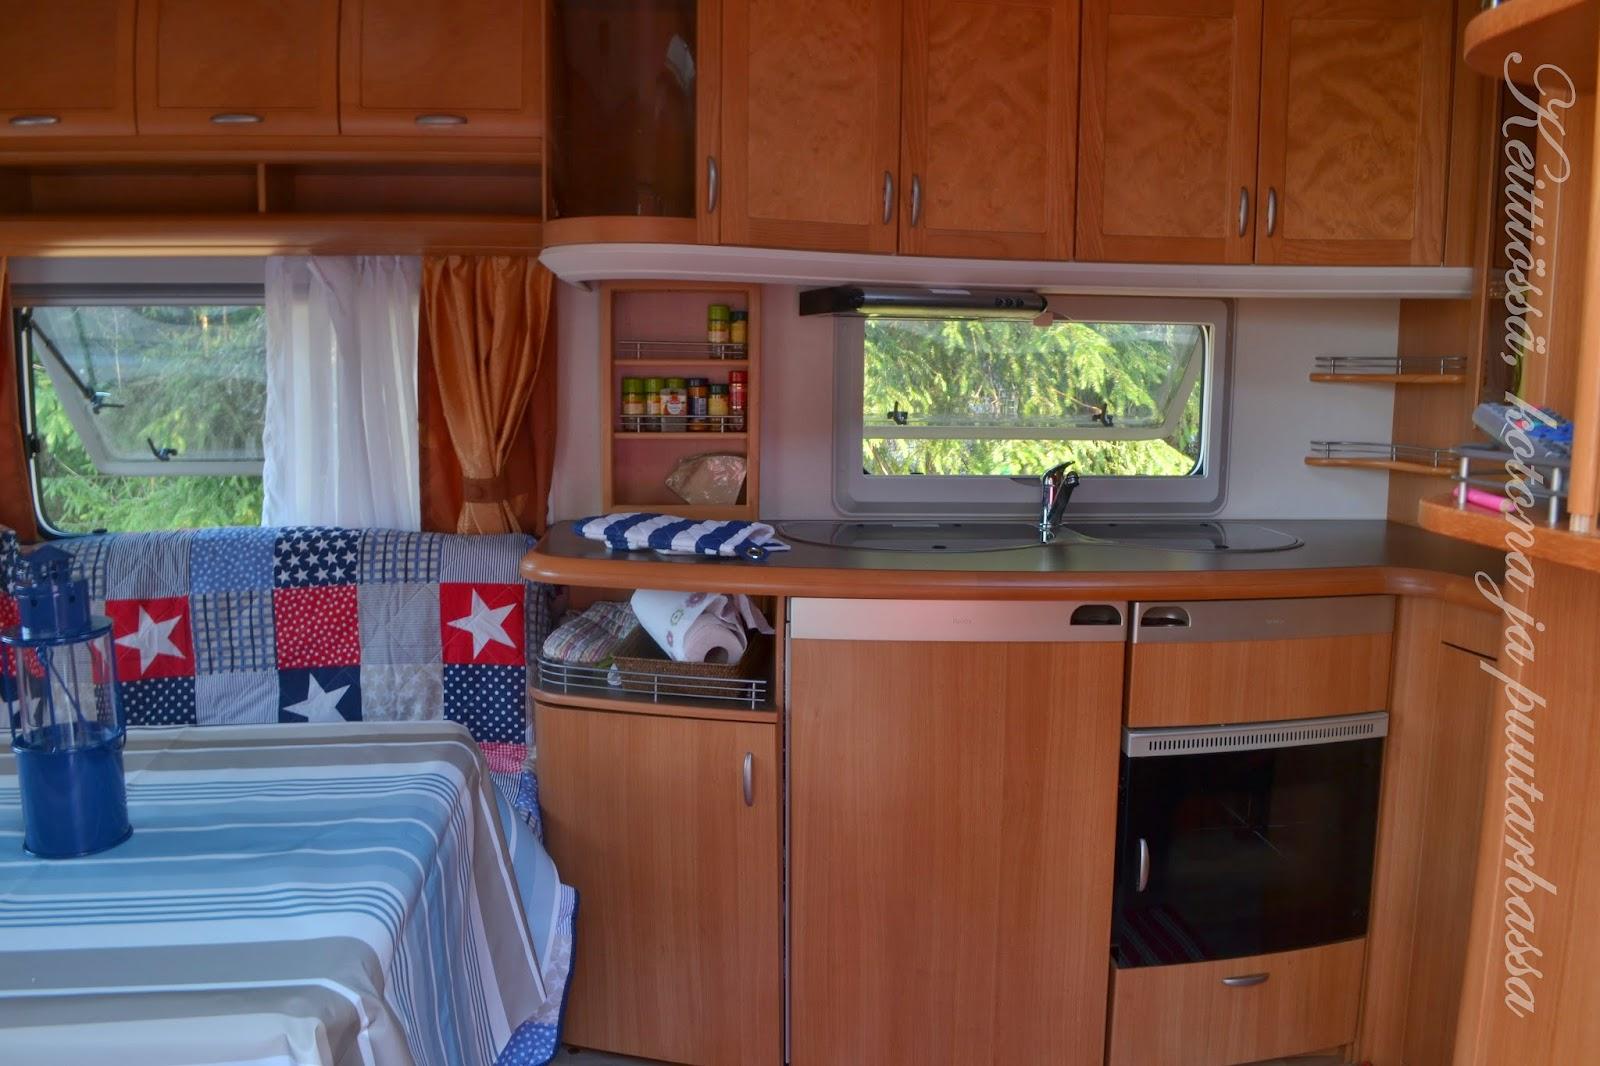 vaunun keittiö